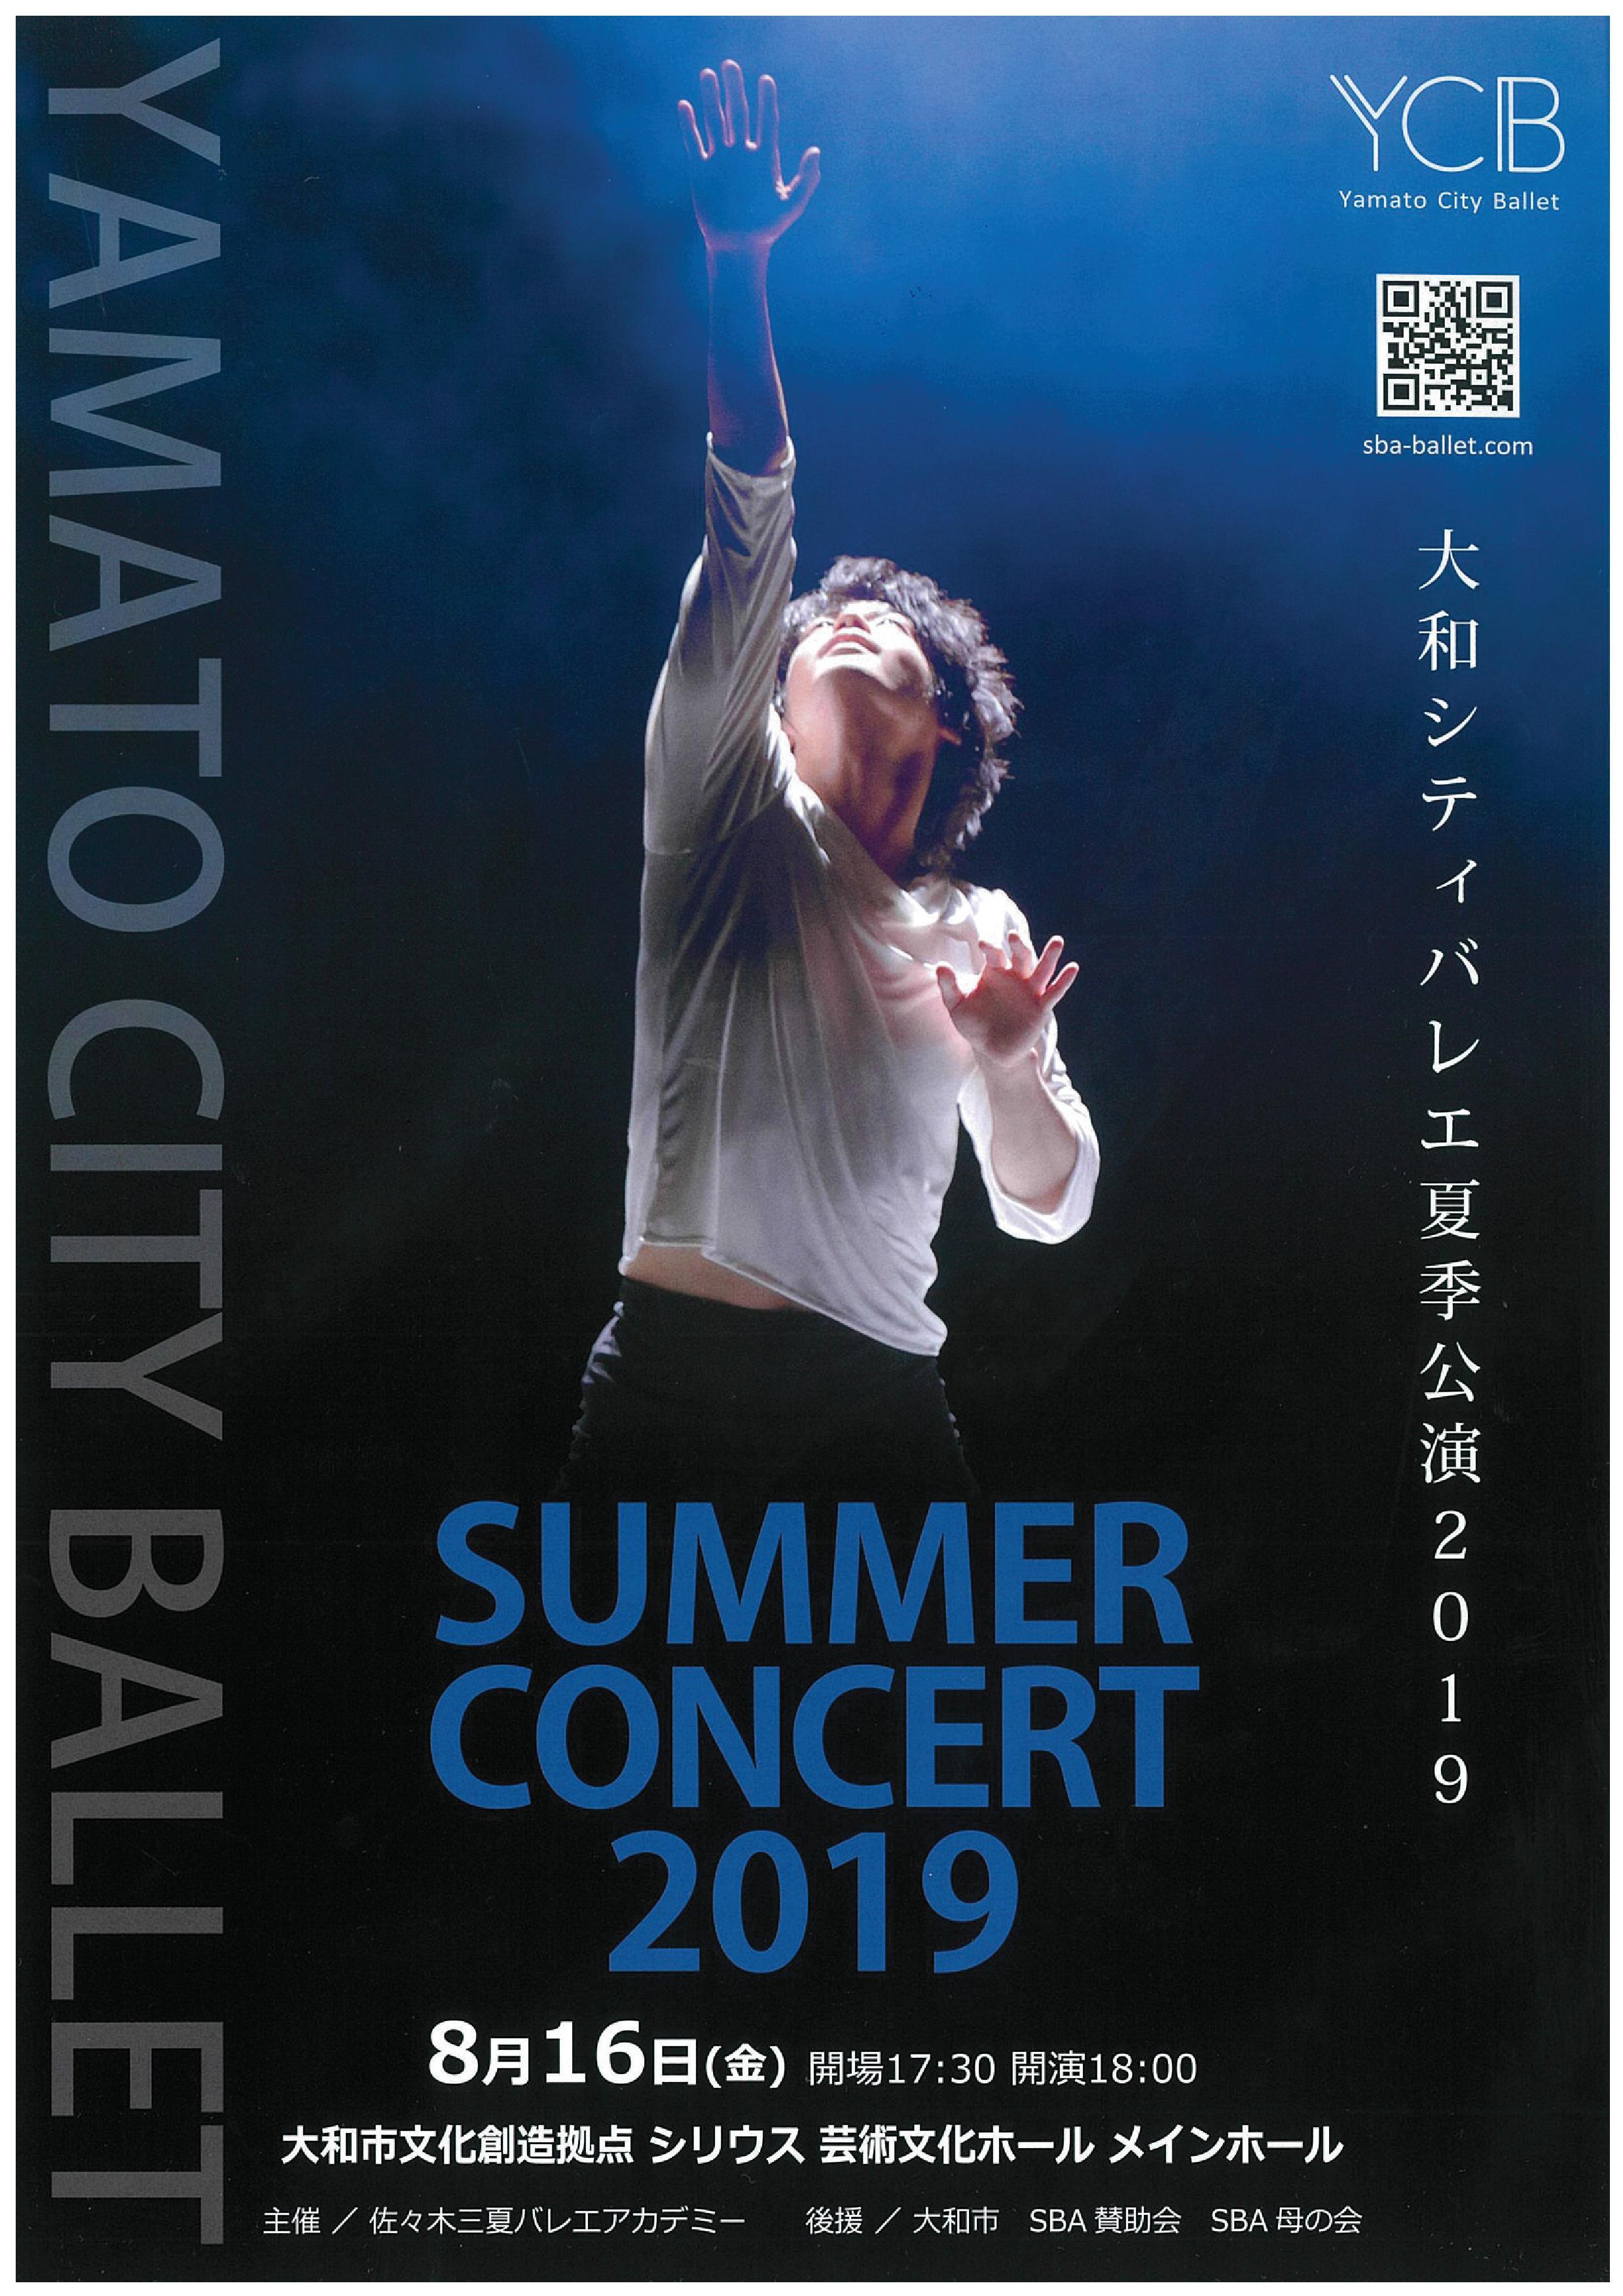 大和シティバレエ夏季公演 SUMMER CONCERT 2019